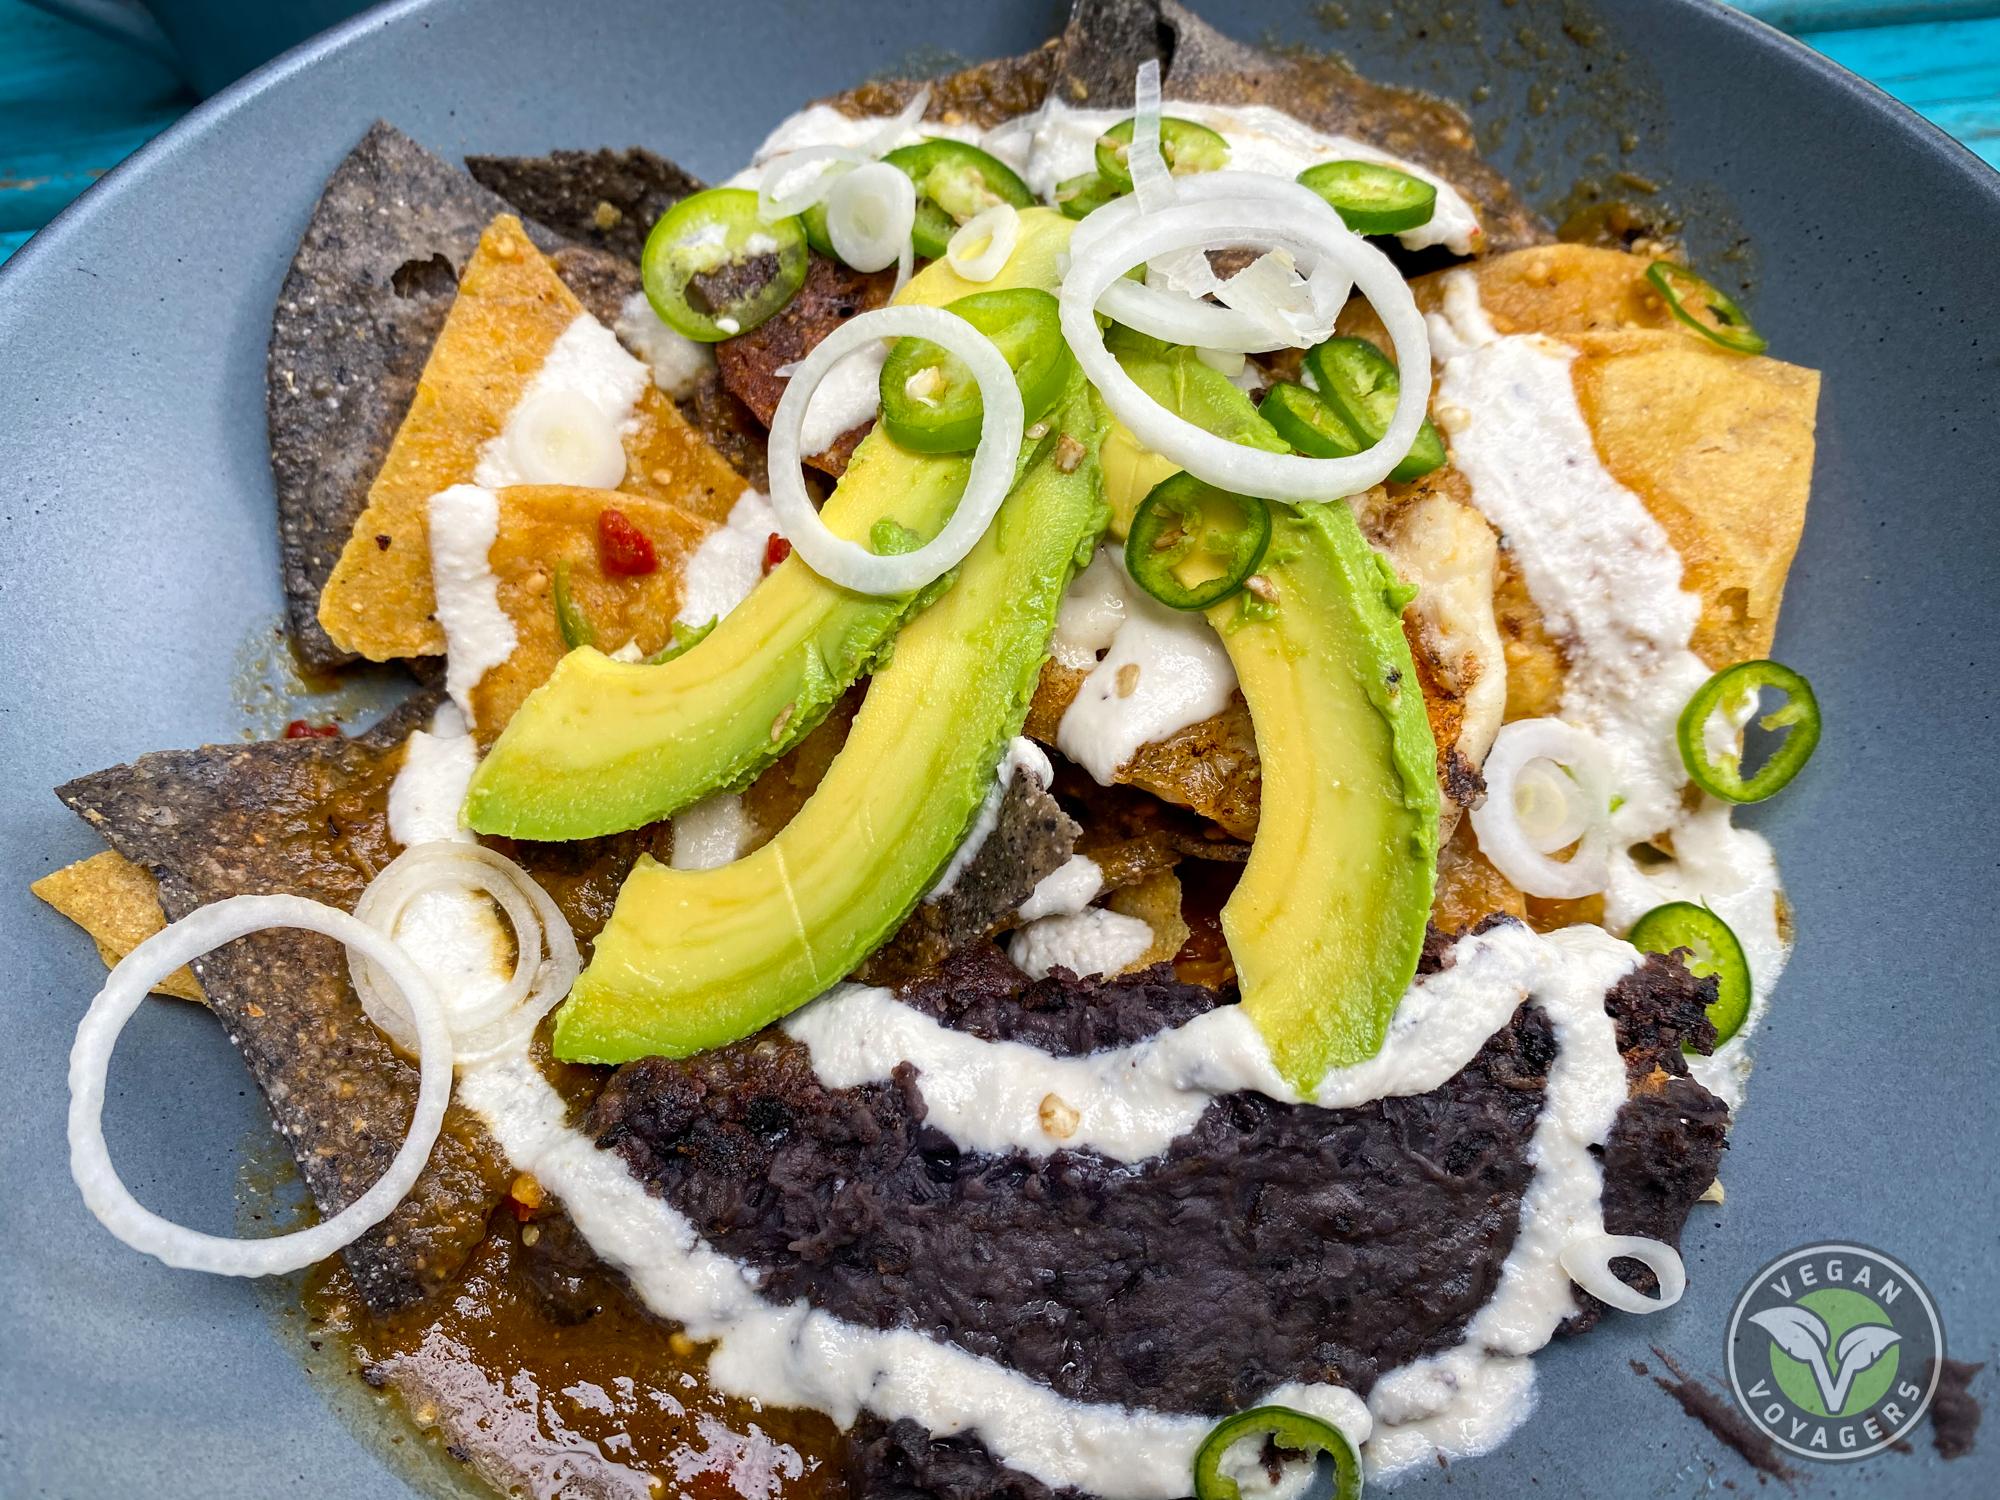 Forever Vegano | Vegan Guide to Mexico City